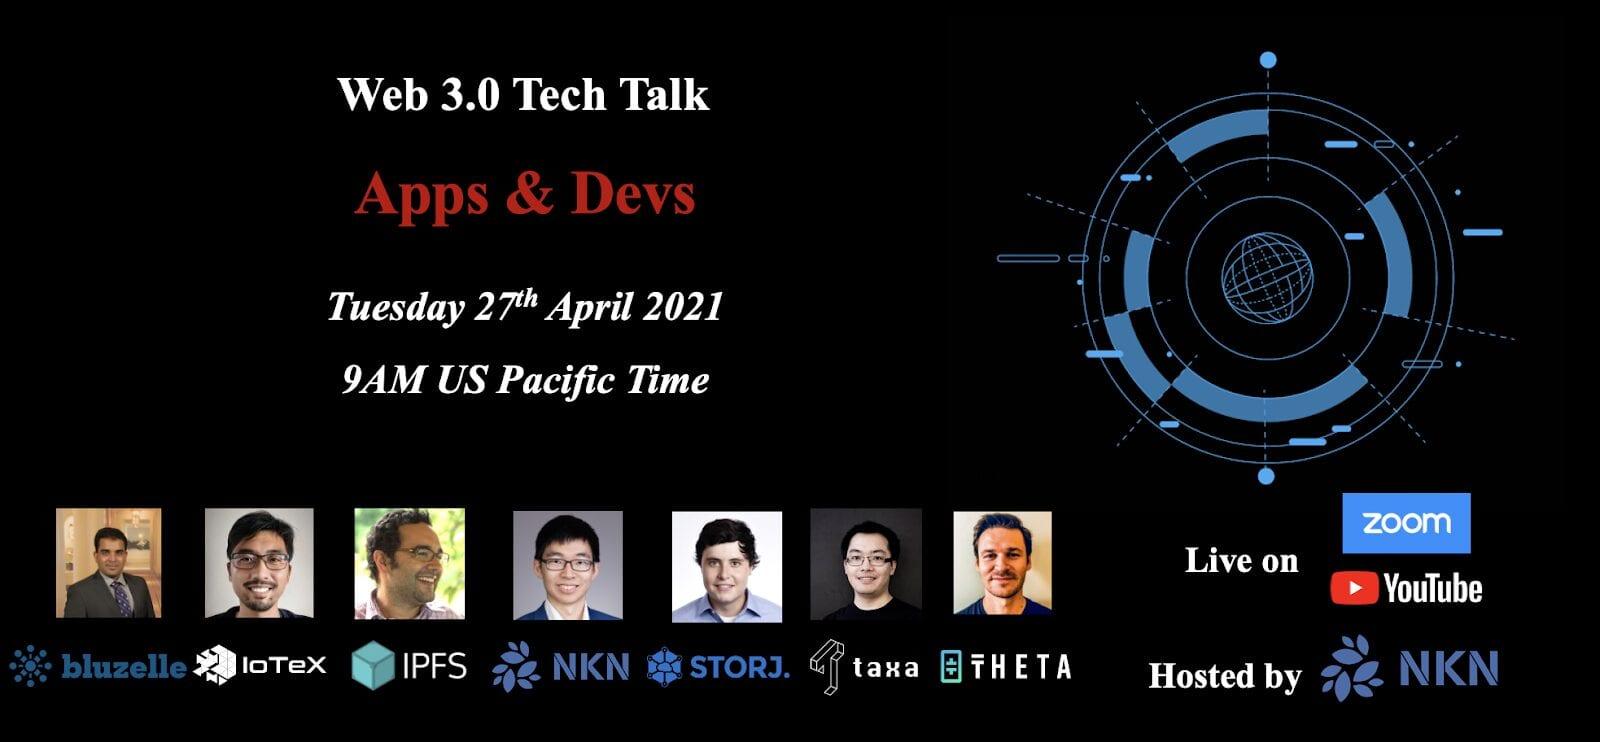 web 3.0 tech talk 2021 apps & devs